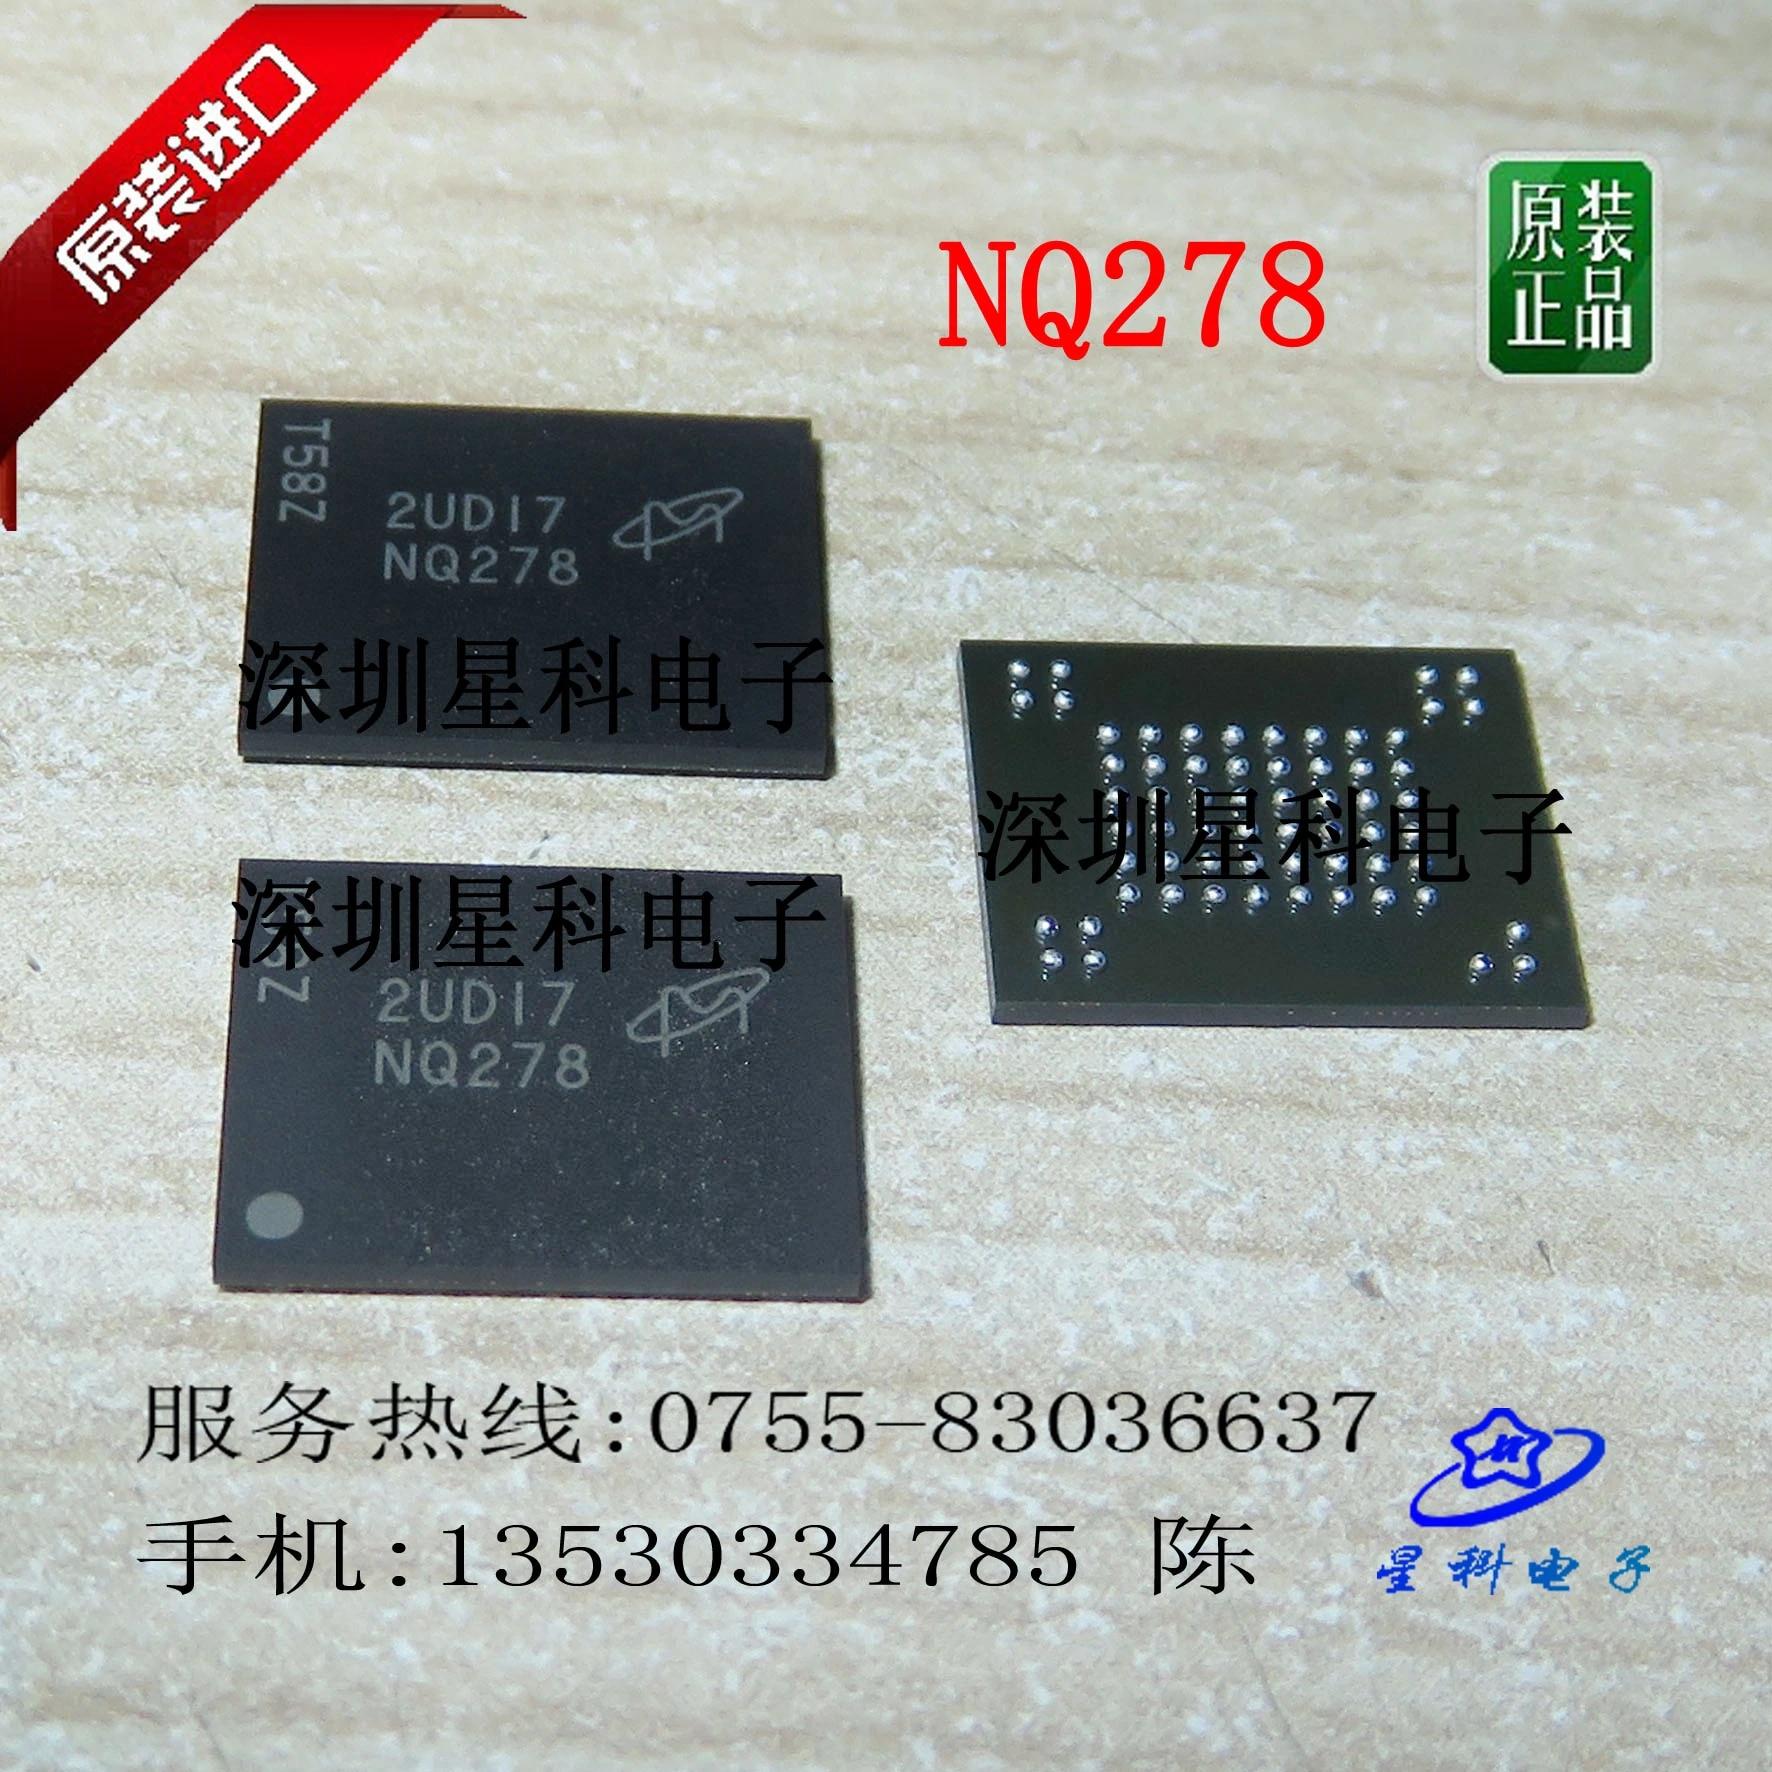 10pcs ATIC39-B4 A2C08350